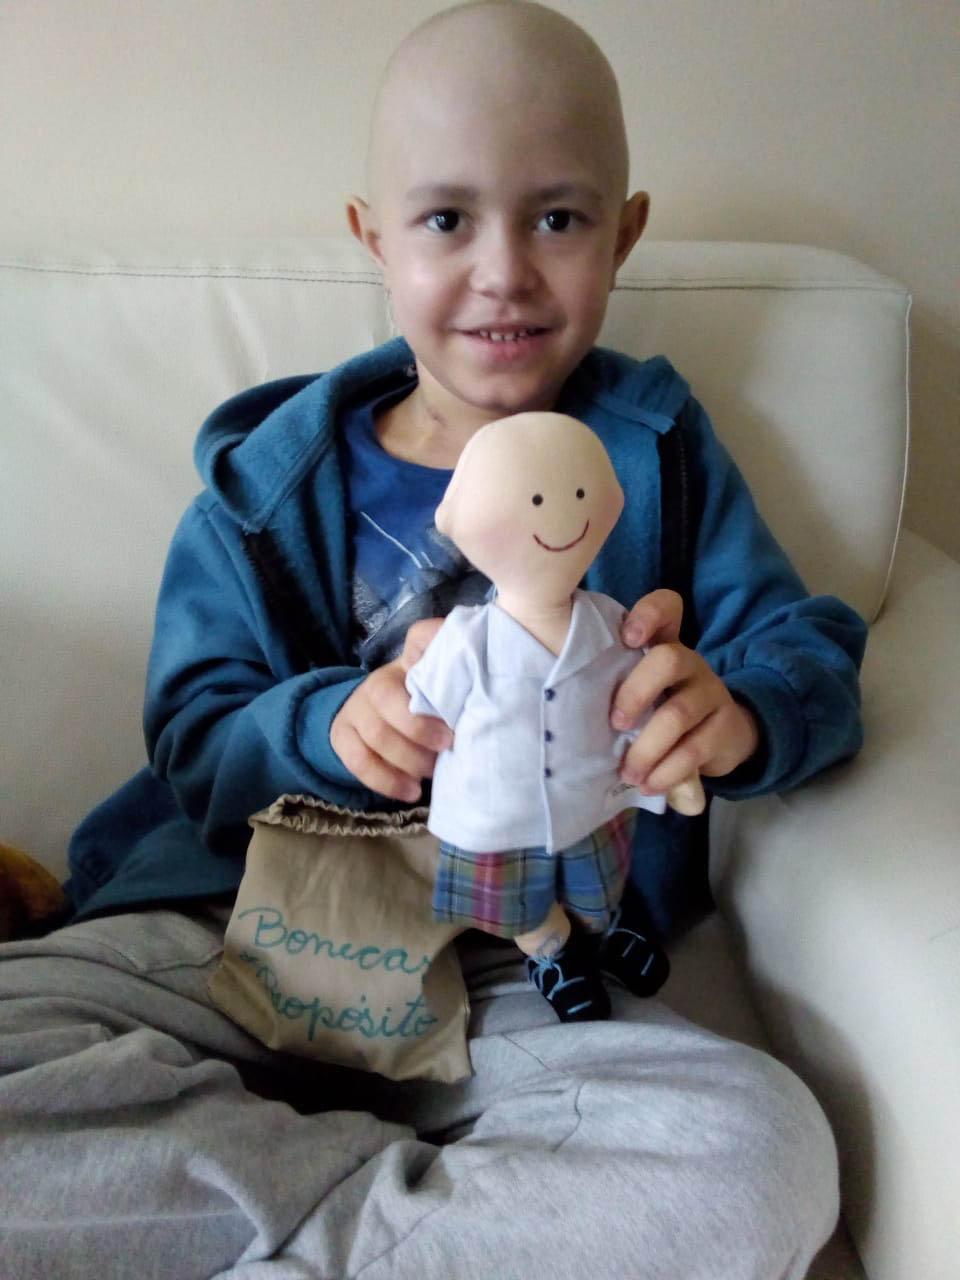 menino em tratamento contra o câncer segura boneca terapêutica